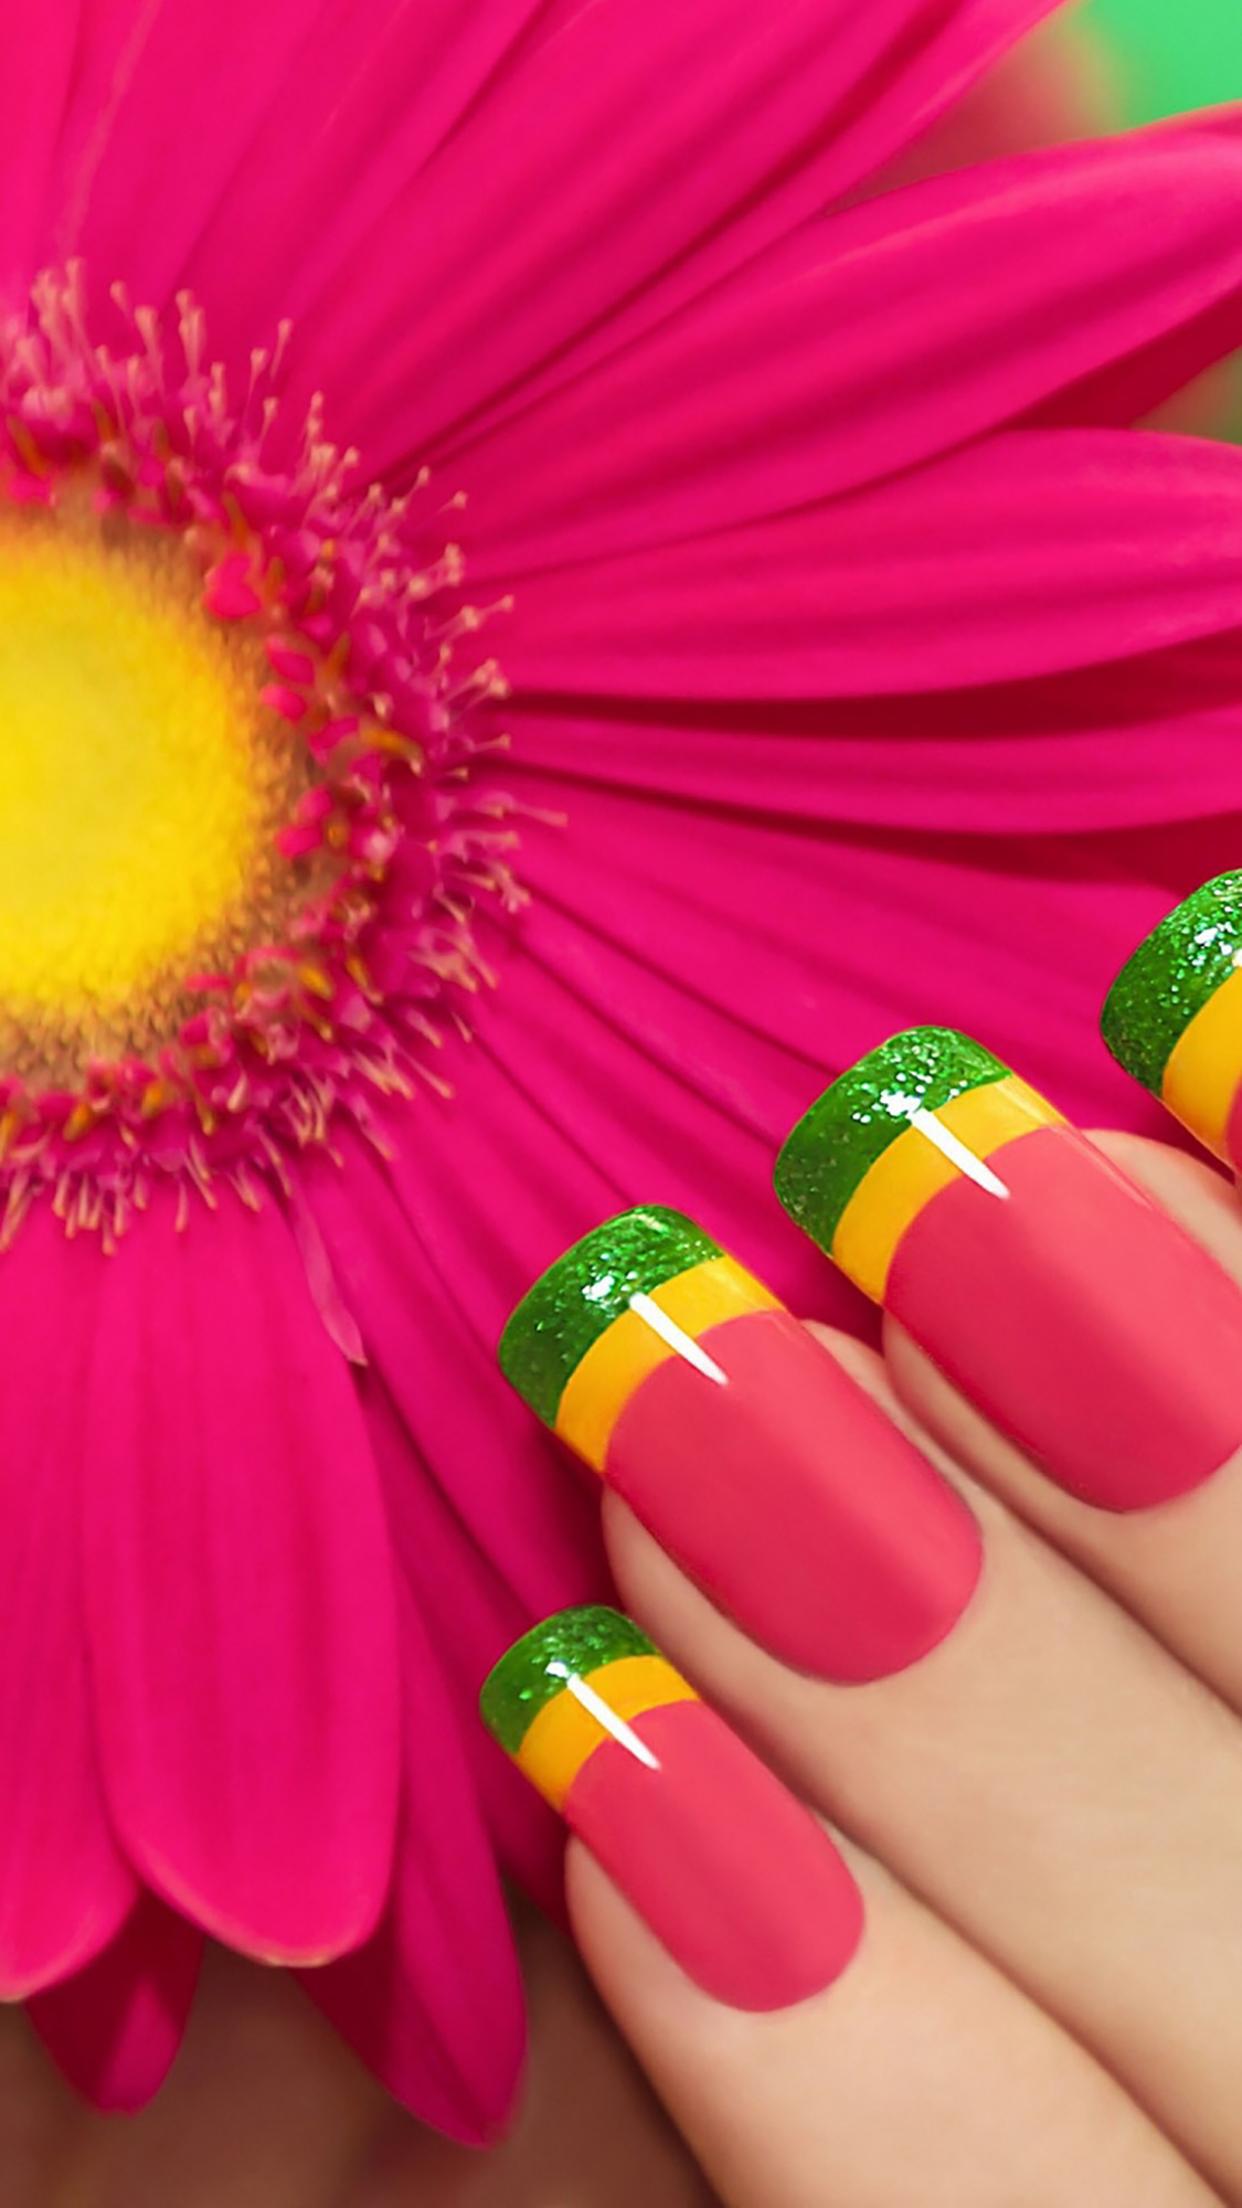 Flower 1 3Wallpapers iPhone Parallax Flower : 1